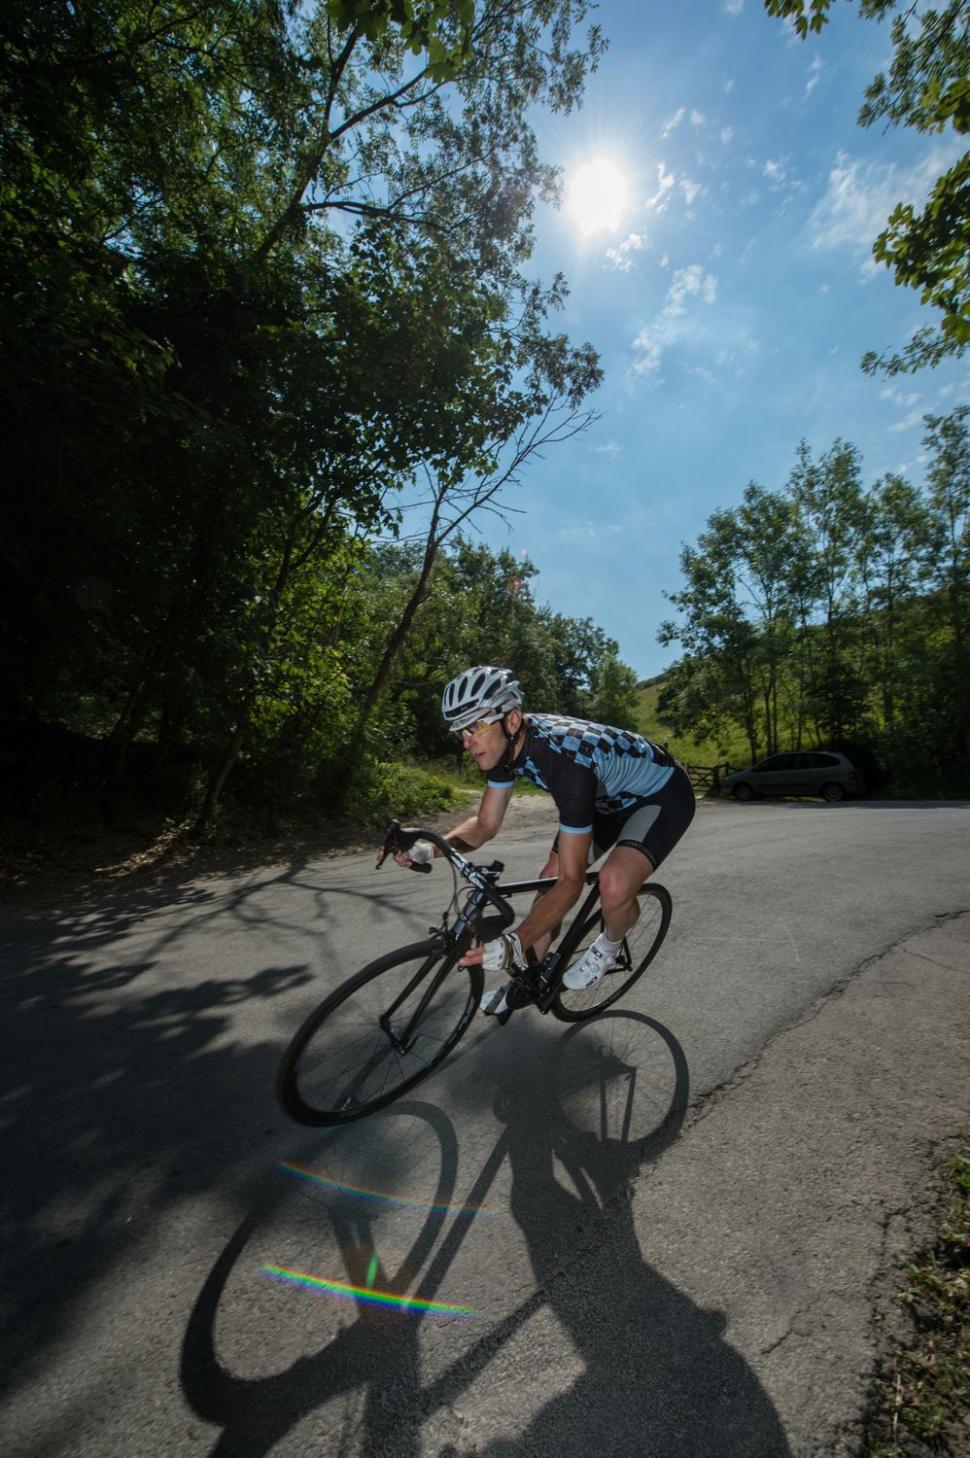 Kinesis Aithein - fast corner (Geoff Waugh Photos)